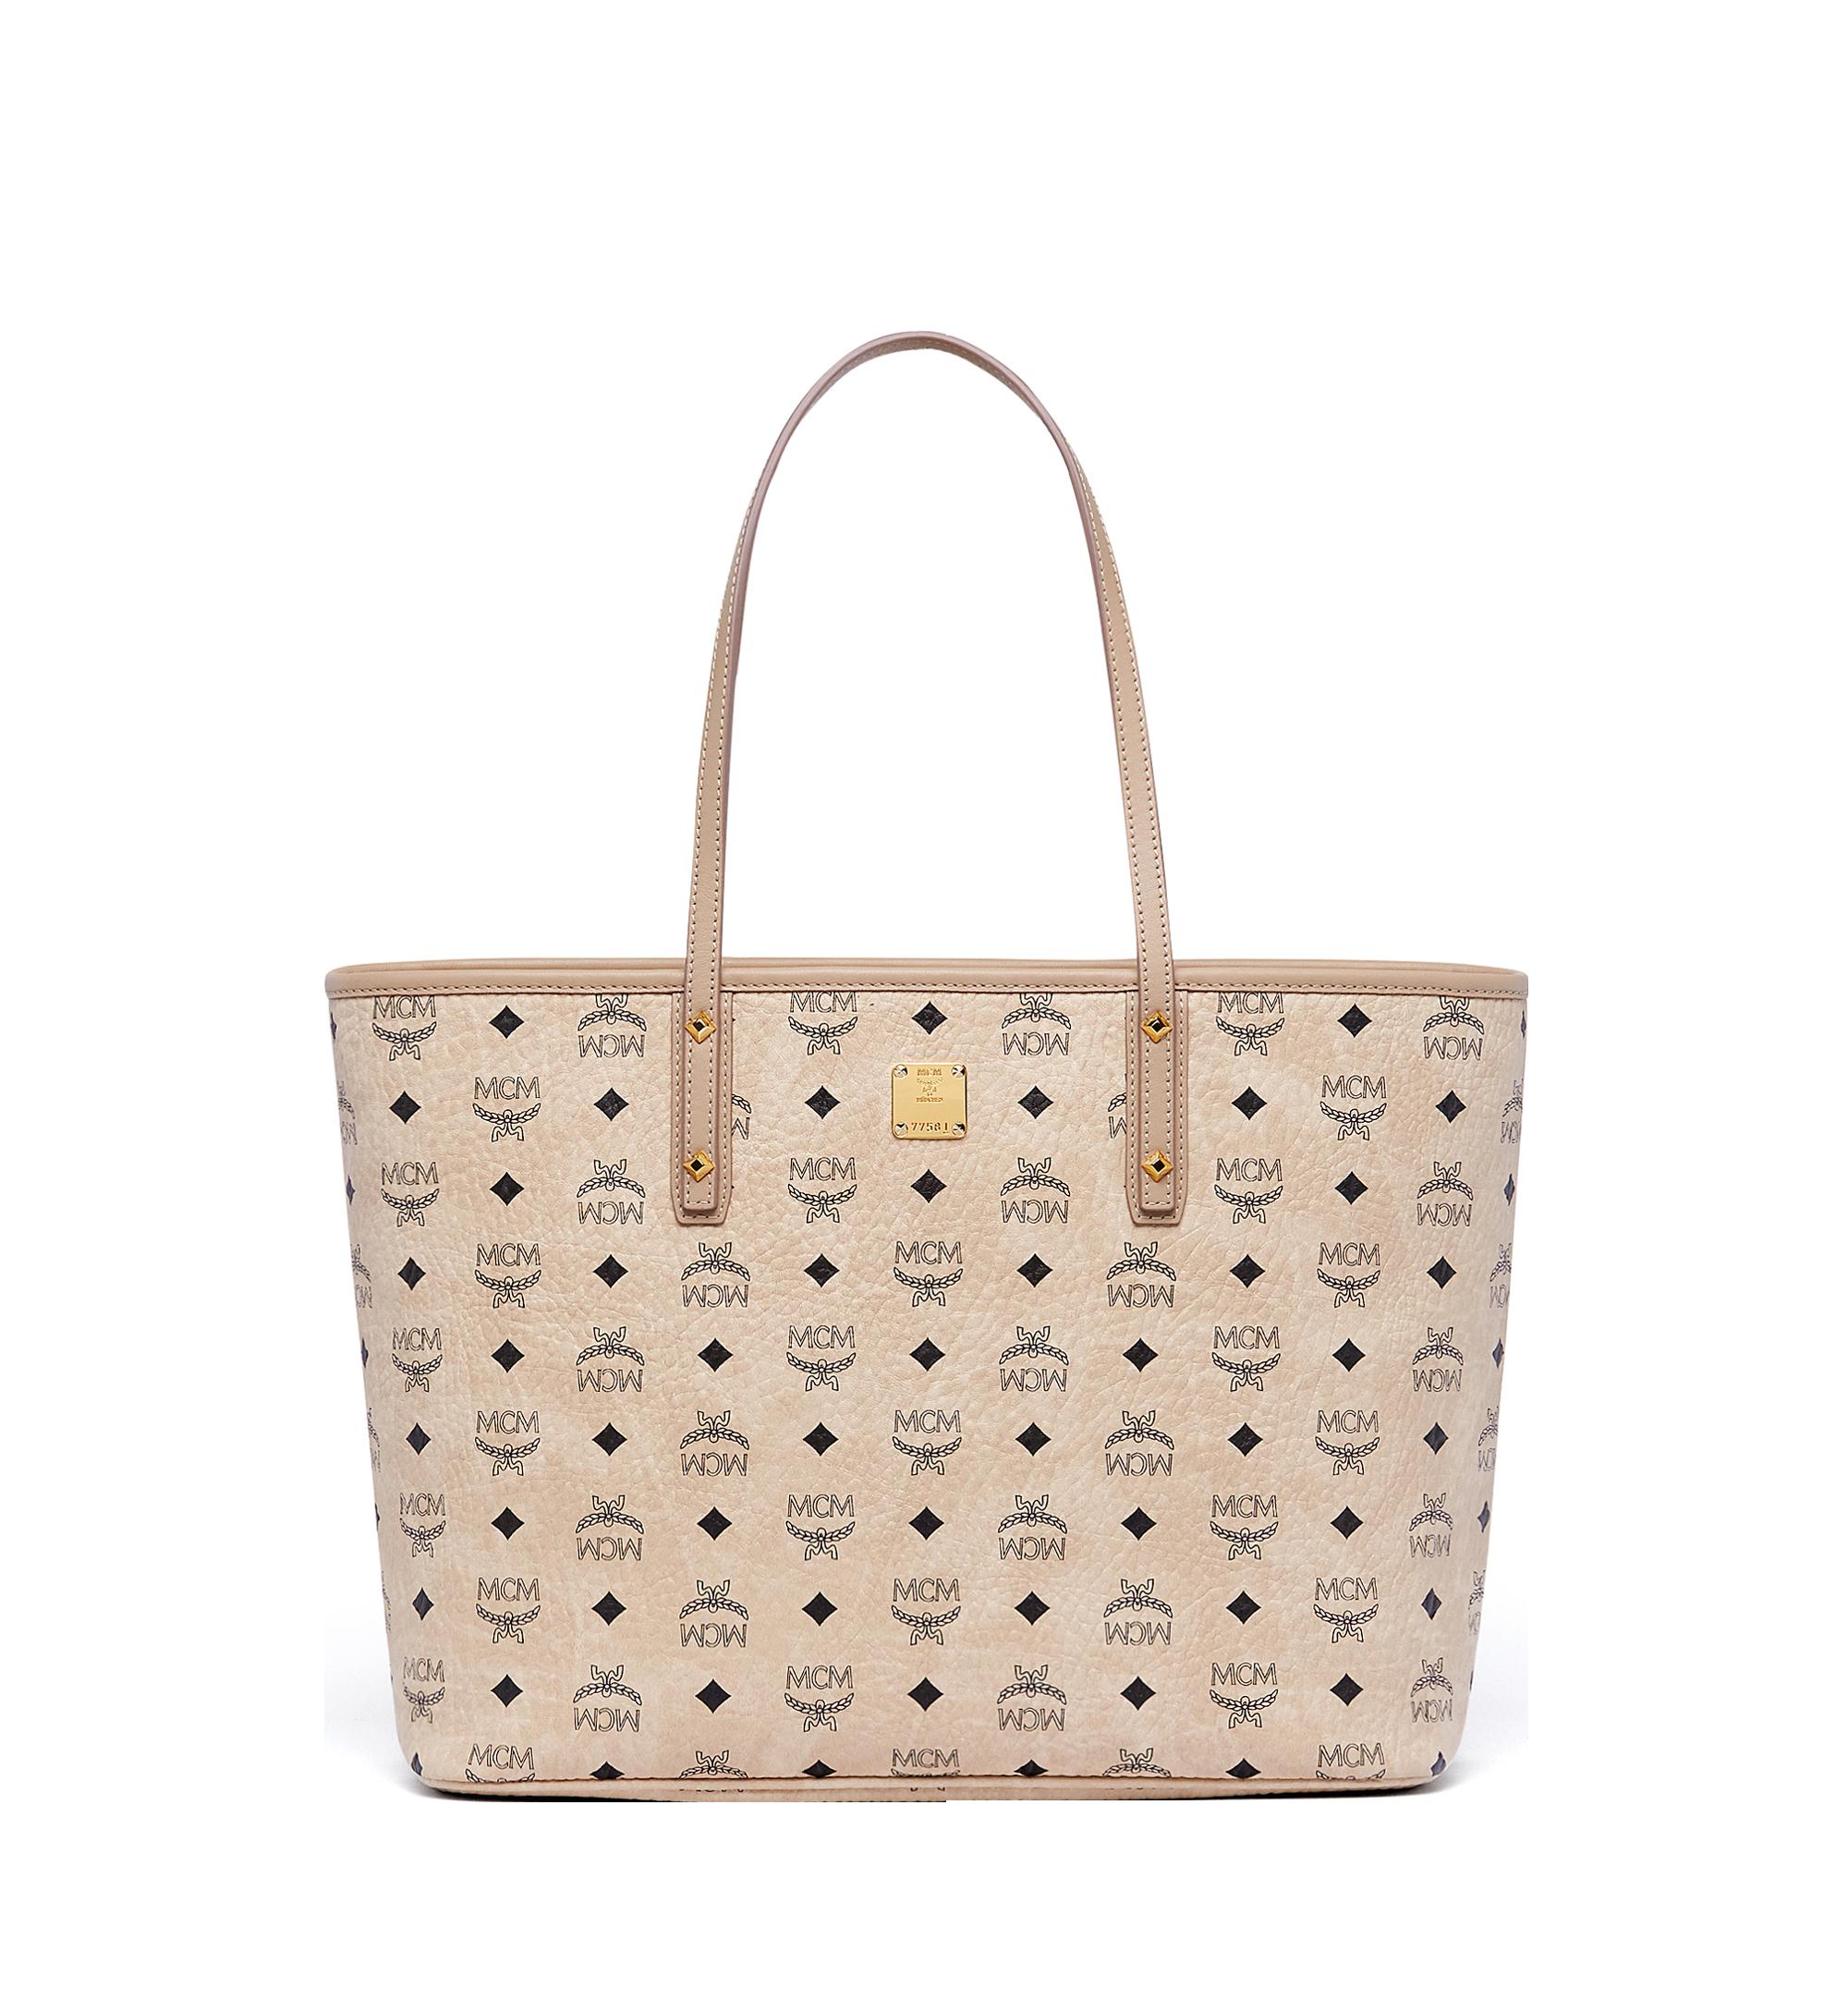 Medium Anya Top Zip Shopper in Visetos Beige | MCM® DE